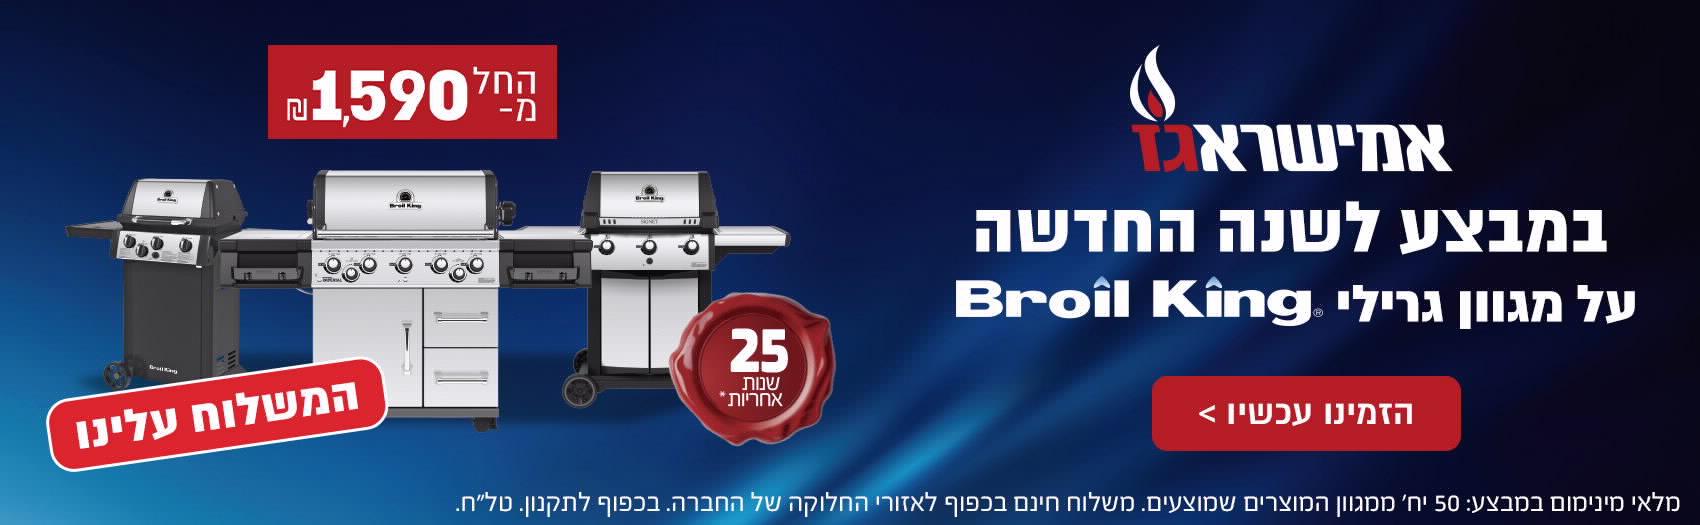 אמישראגז במבצע לשנה החדשה מגוון גרילי broil king